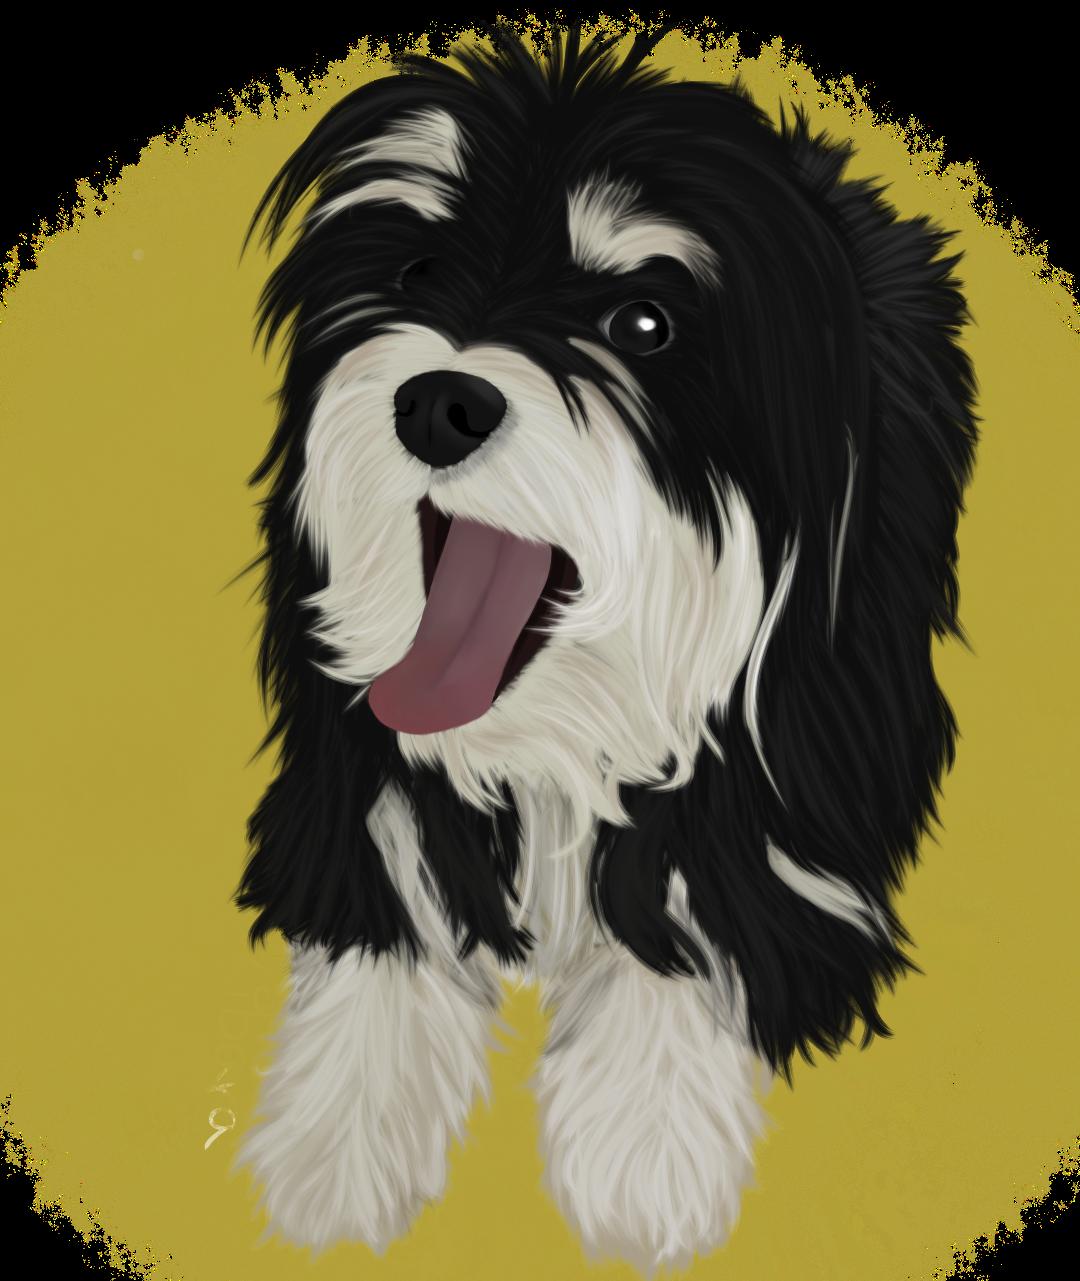 Pet portrait #2